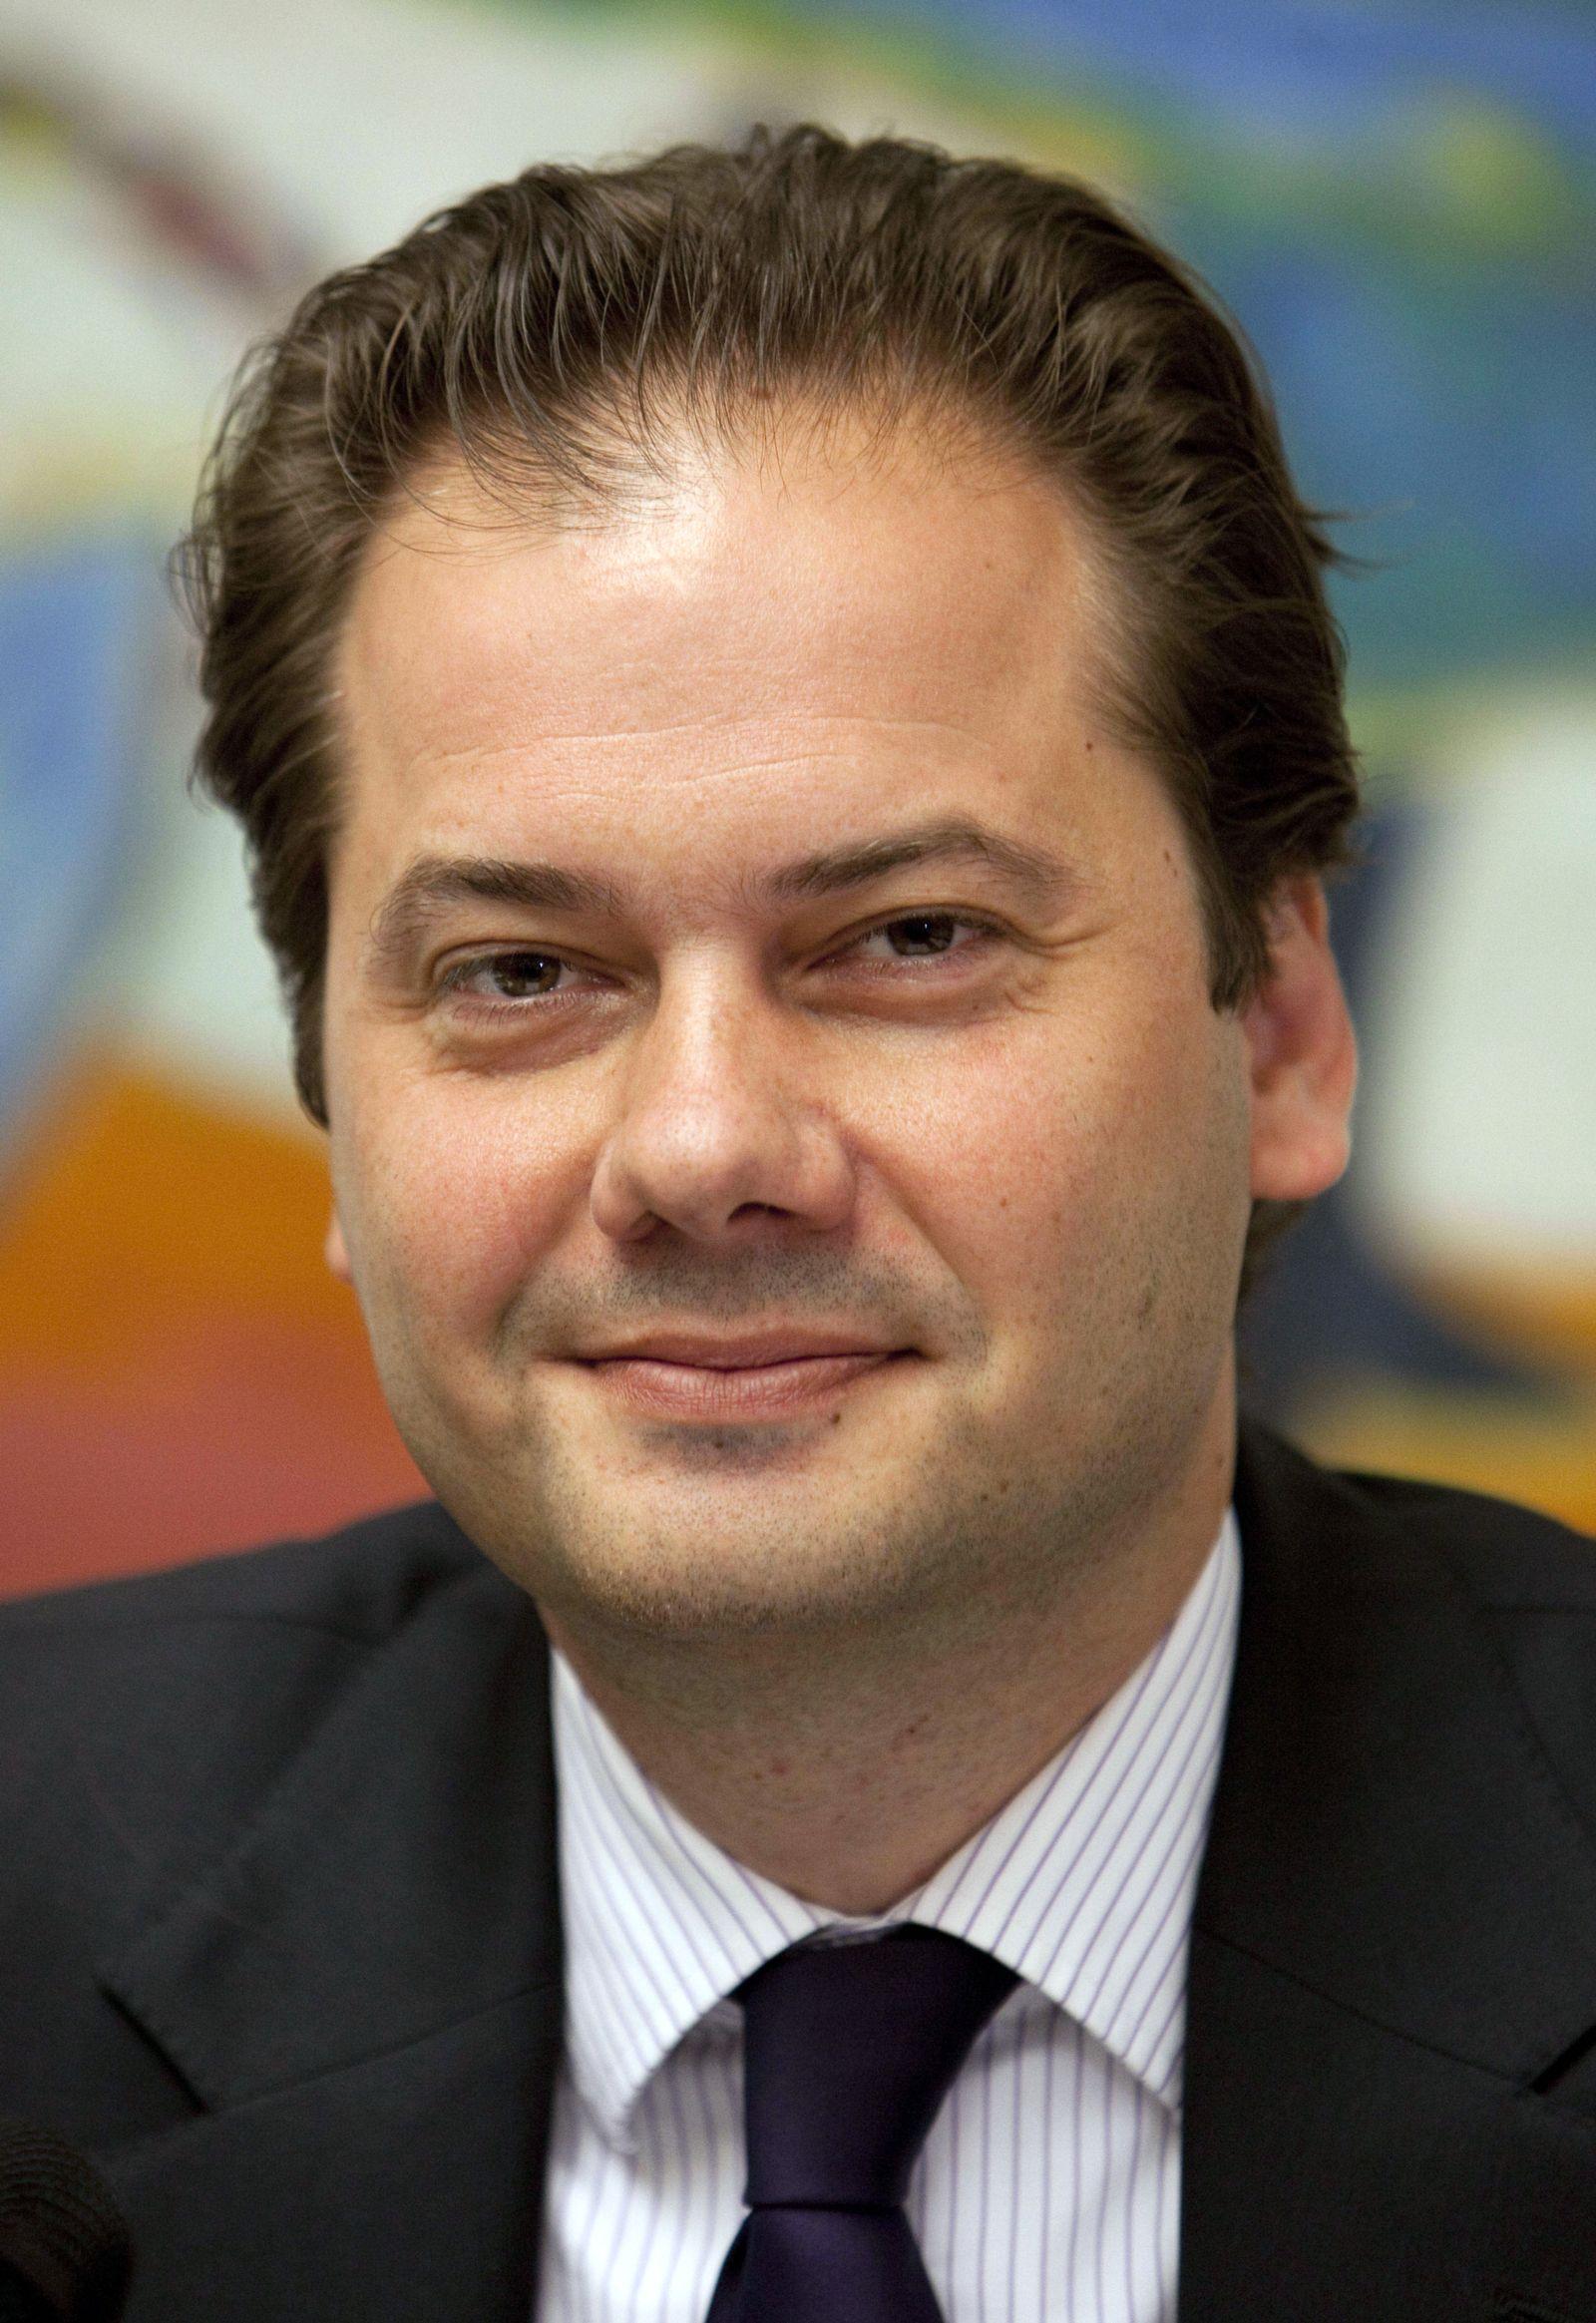 Max Hollein